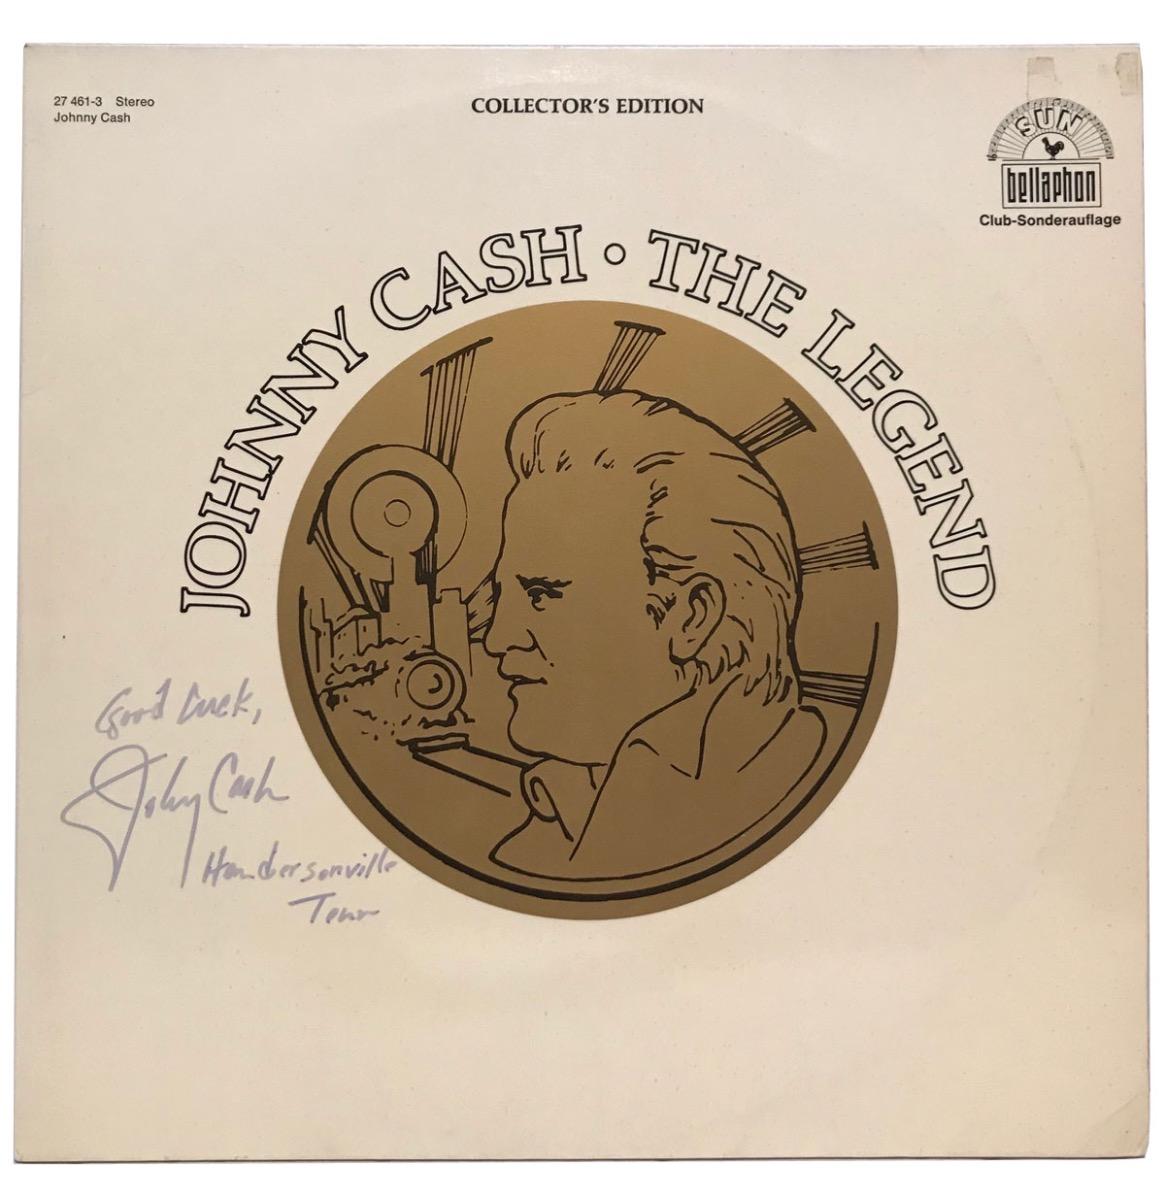 Johnny Cash - The Legend LP Gesigneerd Door Johnny Cash